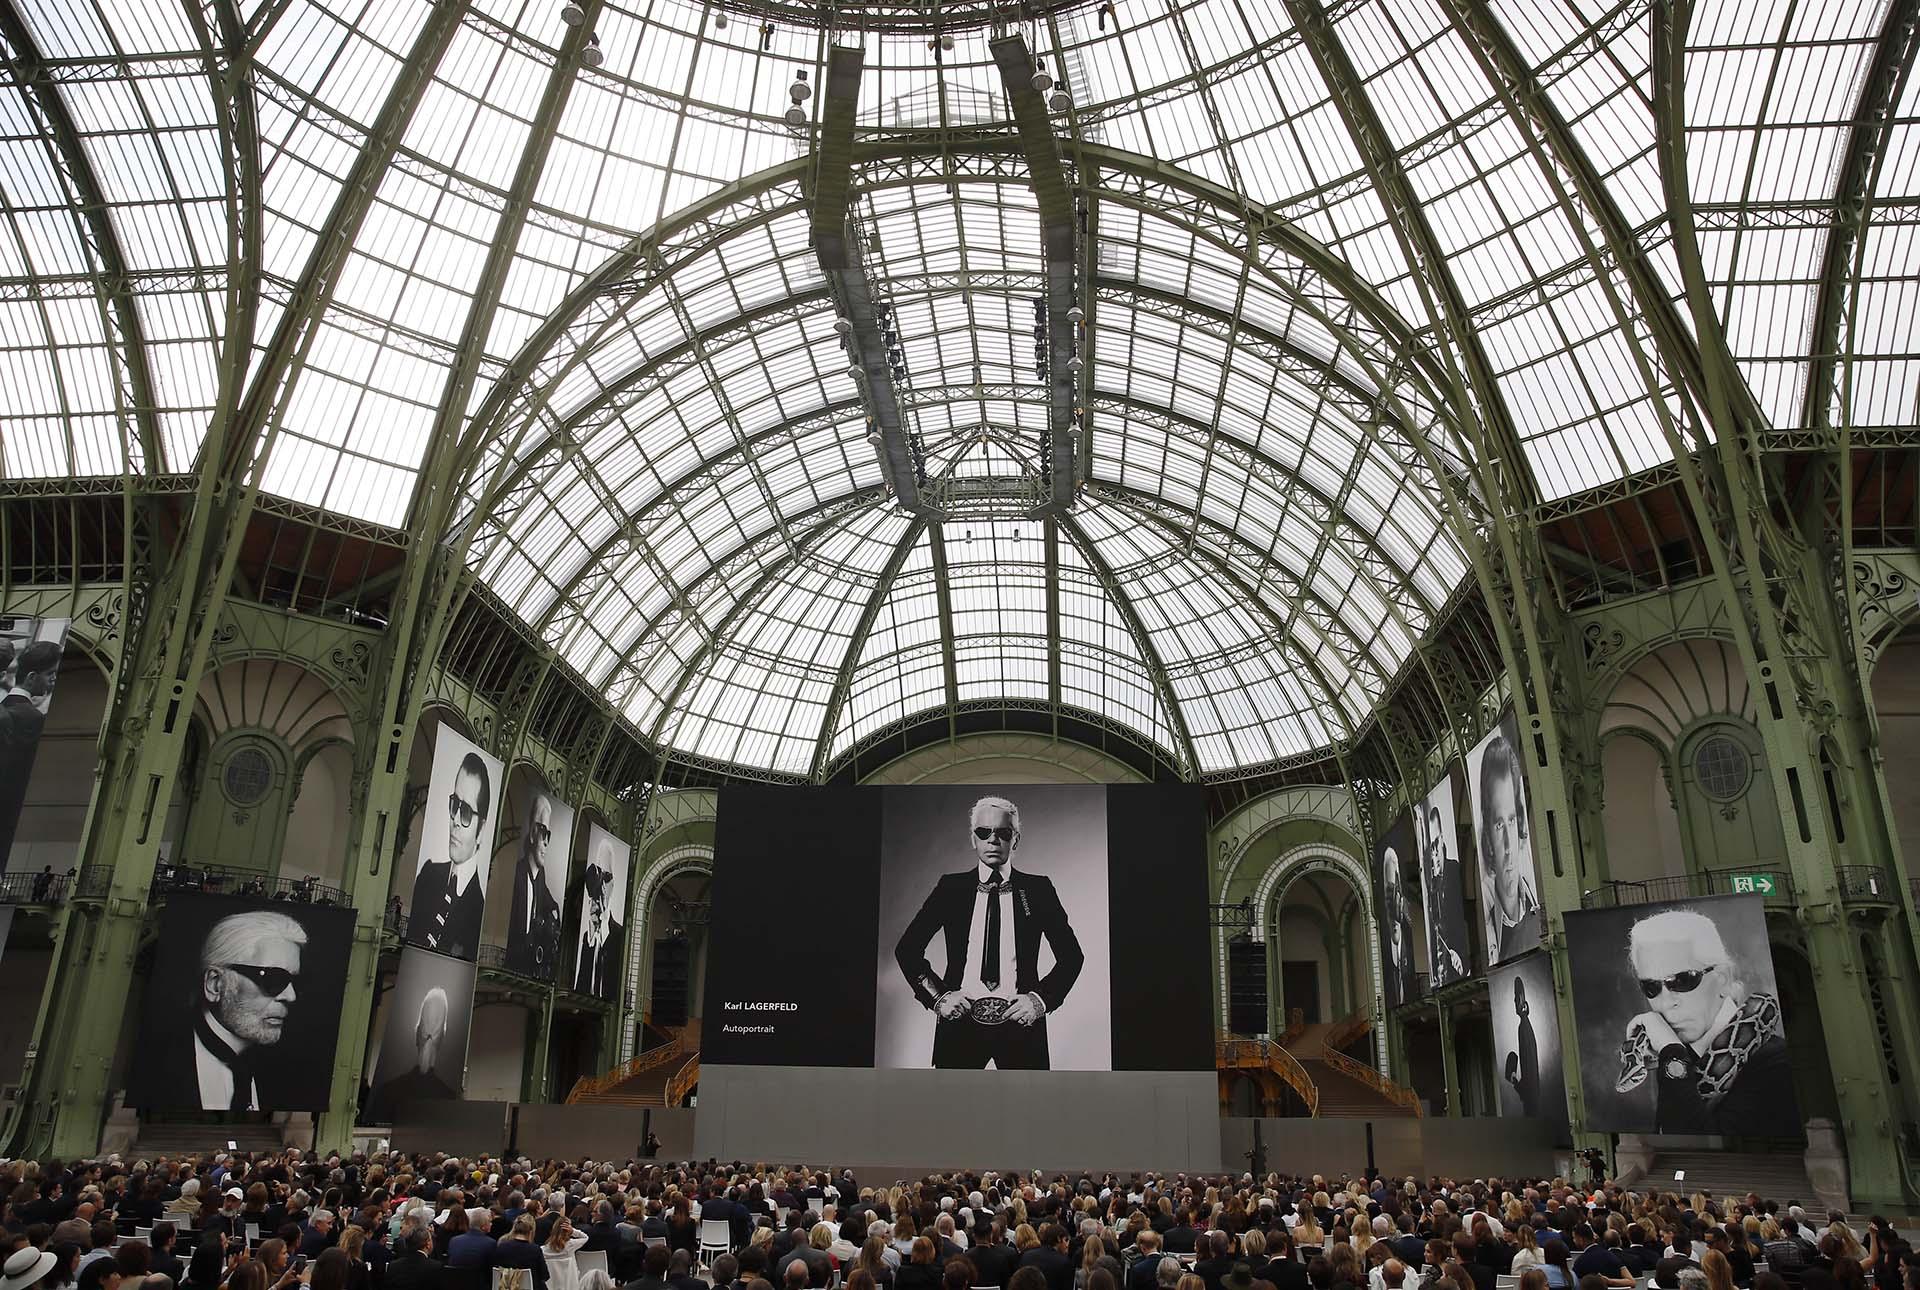 Las fotos en blanco y negro de las pantallas gigantes, unos retratos del diseñador alemán tomadas por la reconocida fotógrafa Annie Leibovitz en el centro del Grand Palais